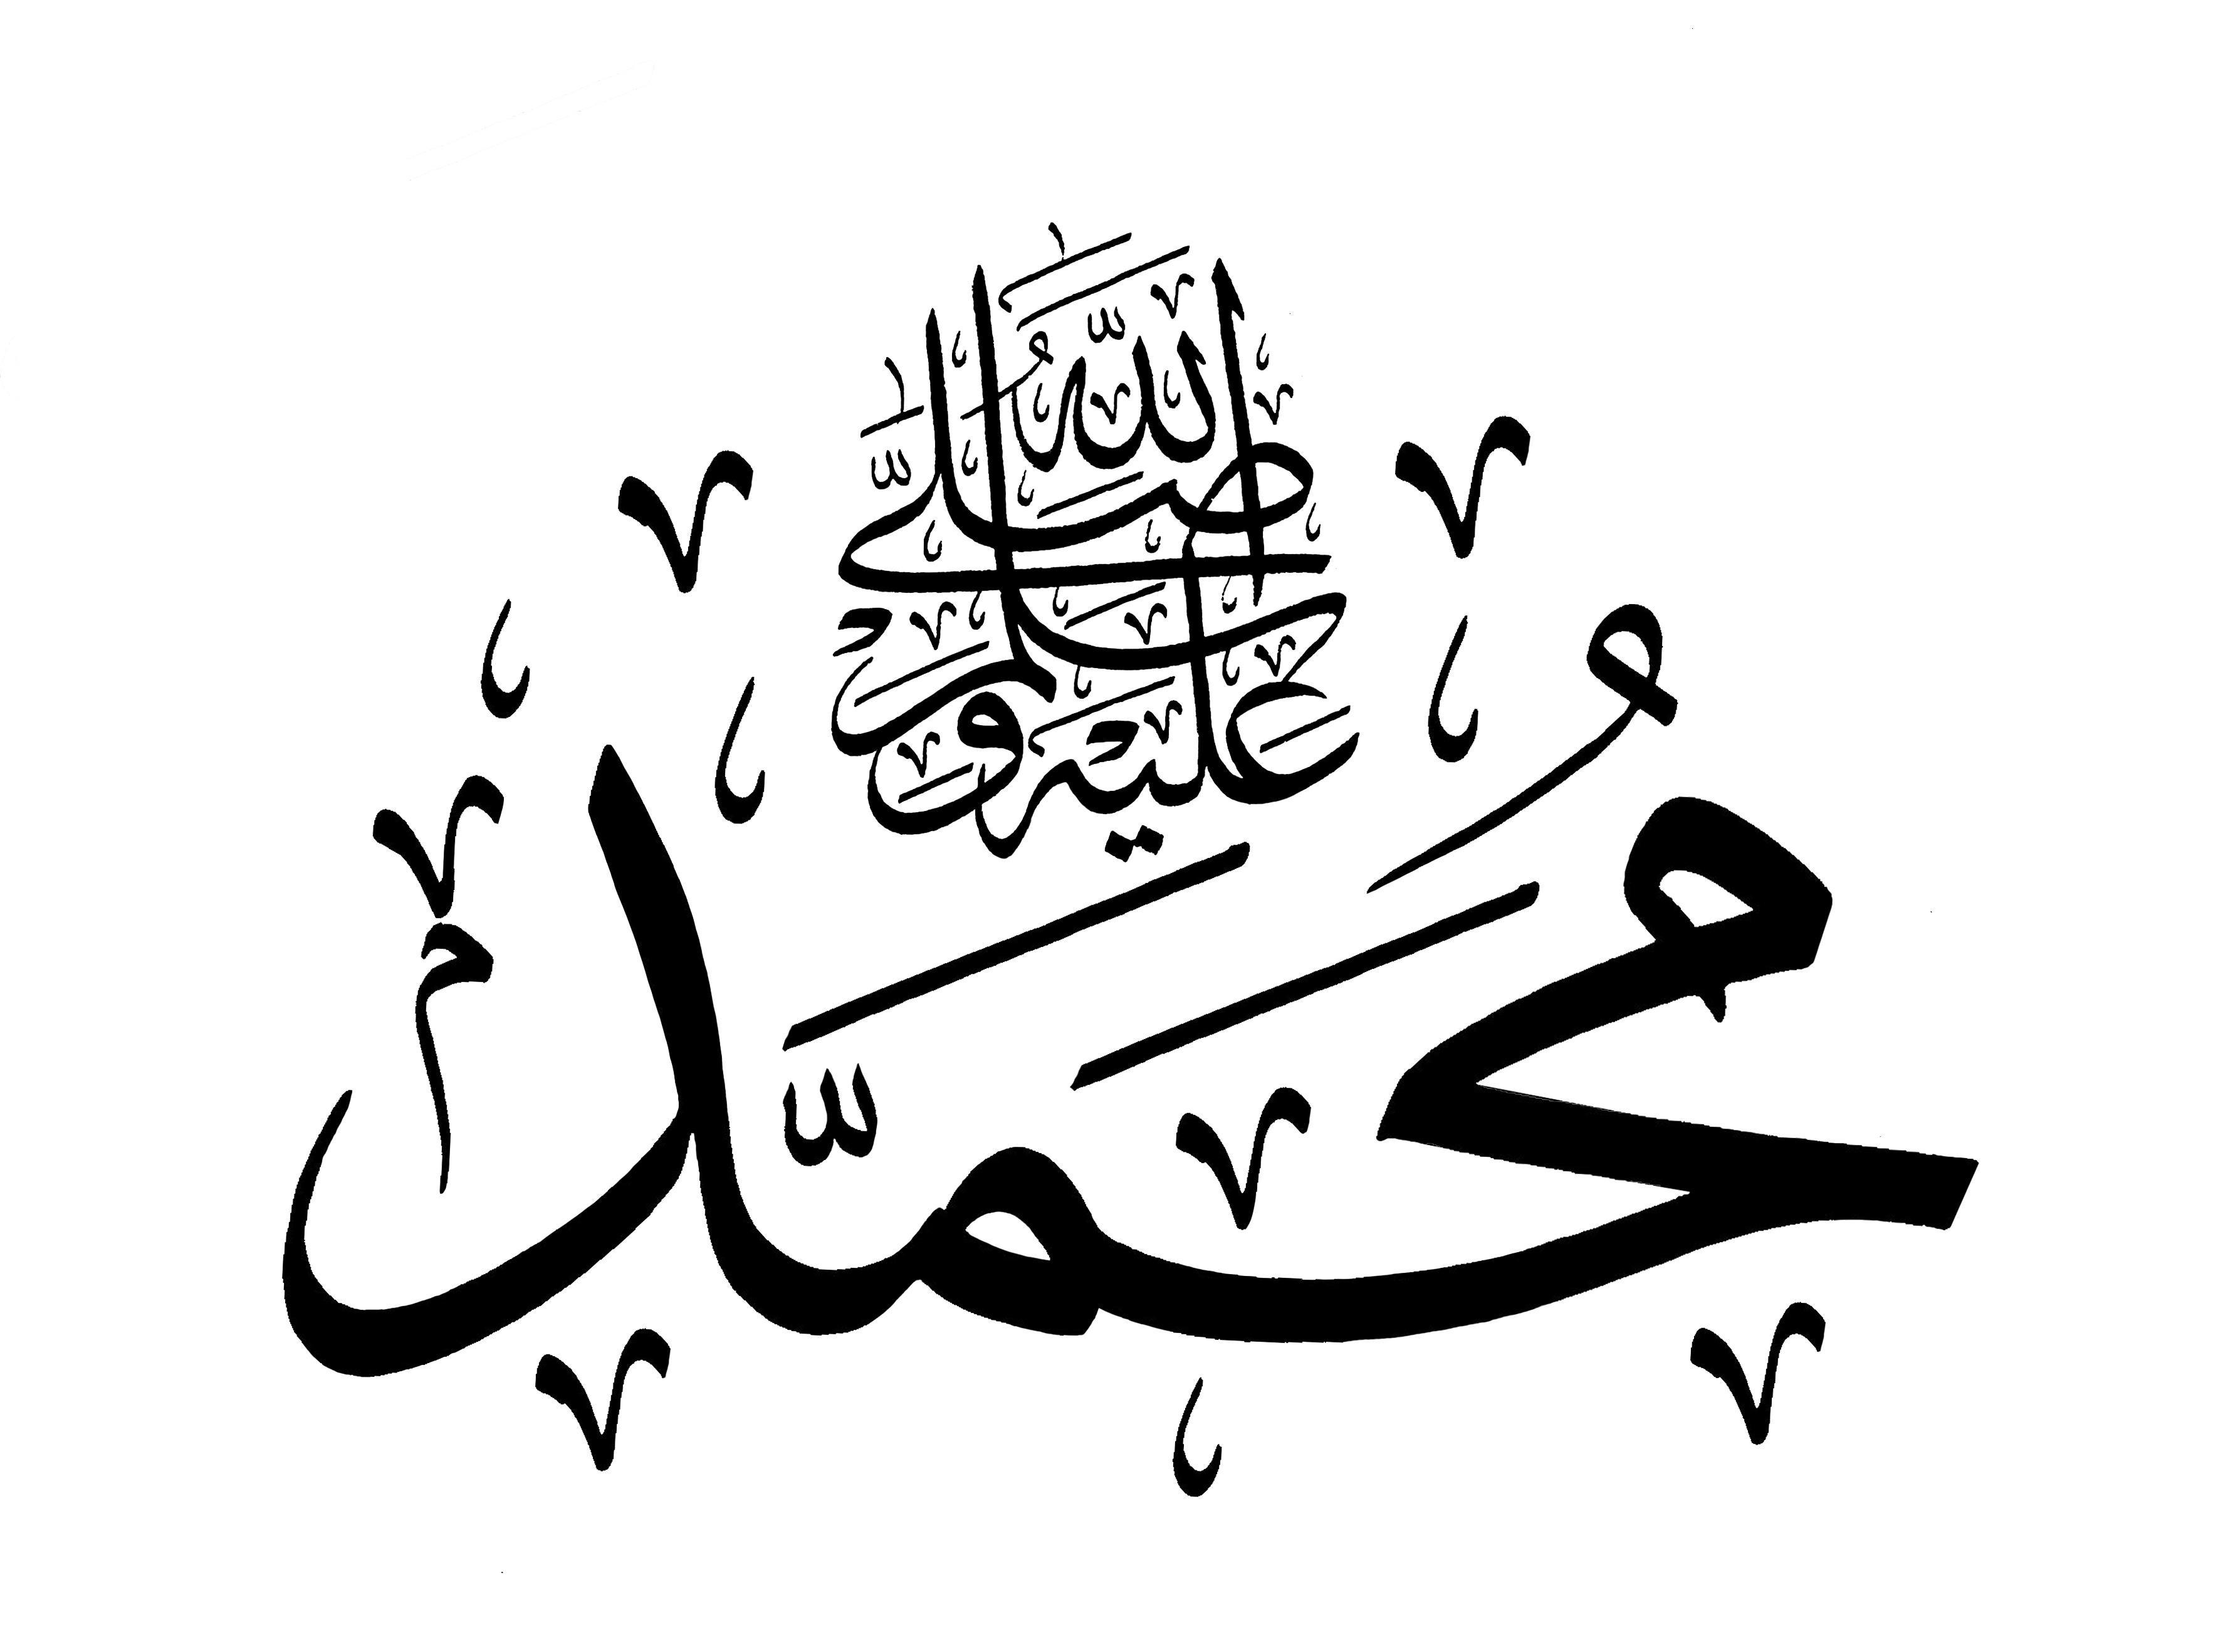 بالخط العربى محمد صلى الله عليه وسلم مزخرف